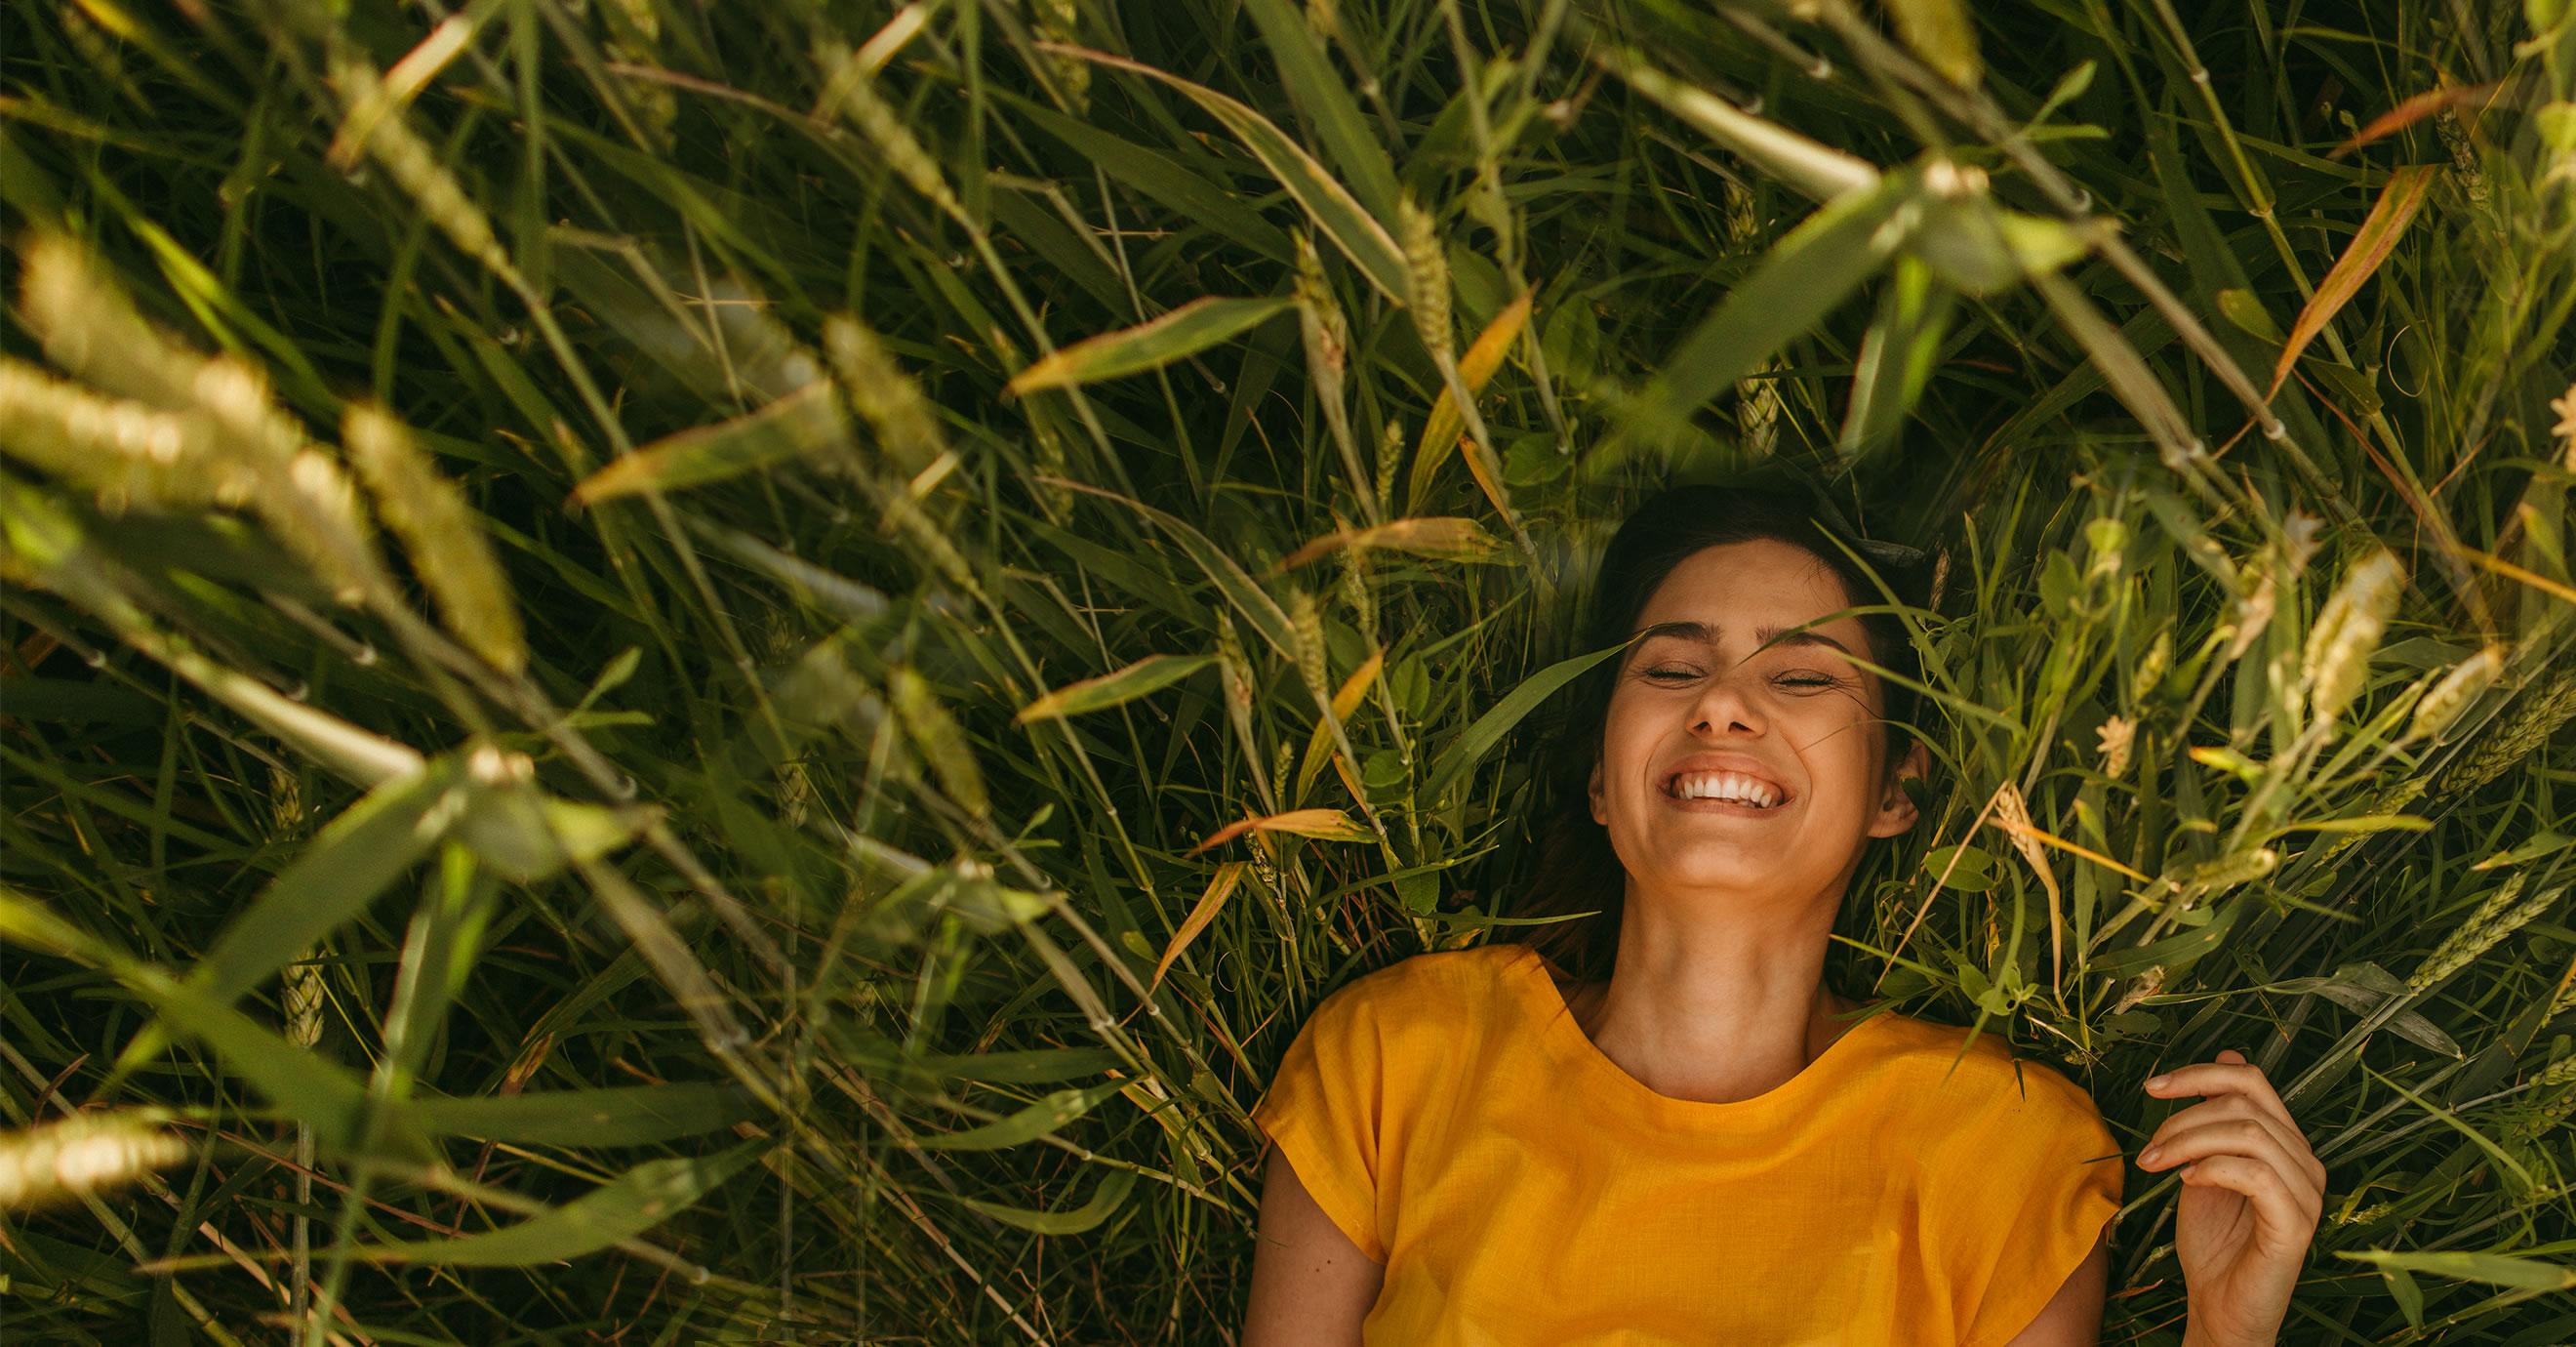 Bild liegende Frau im Gras von oben